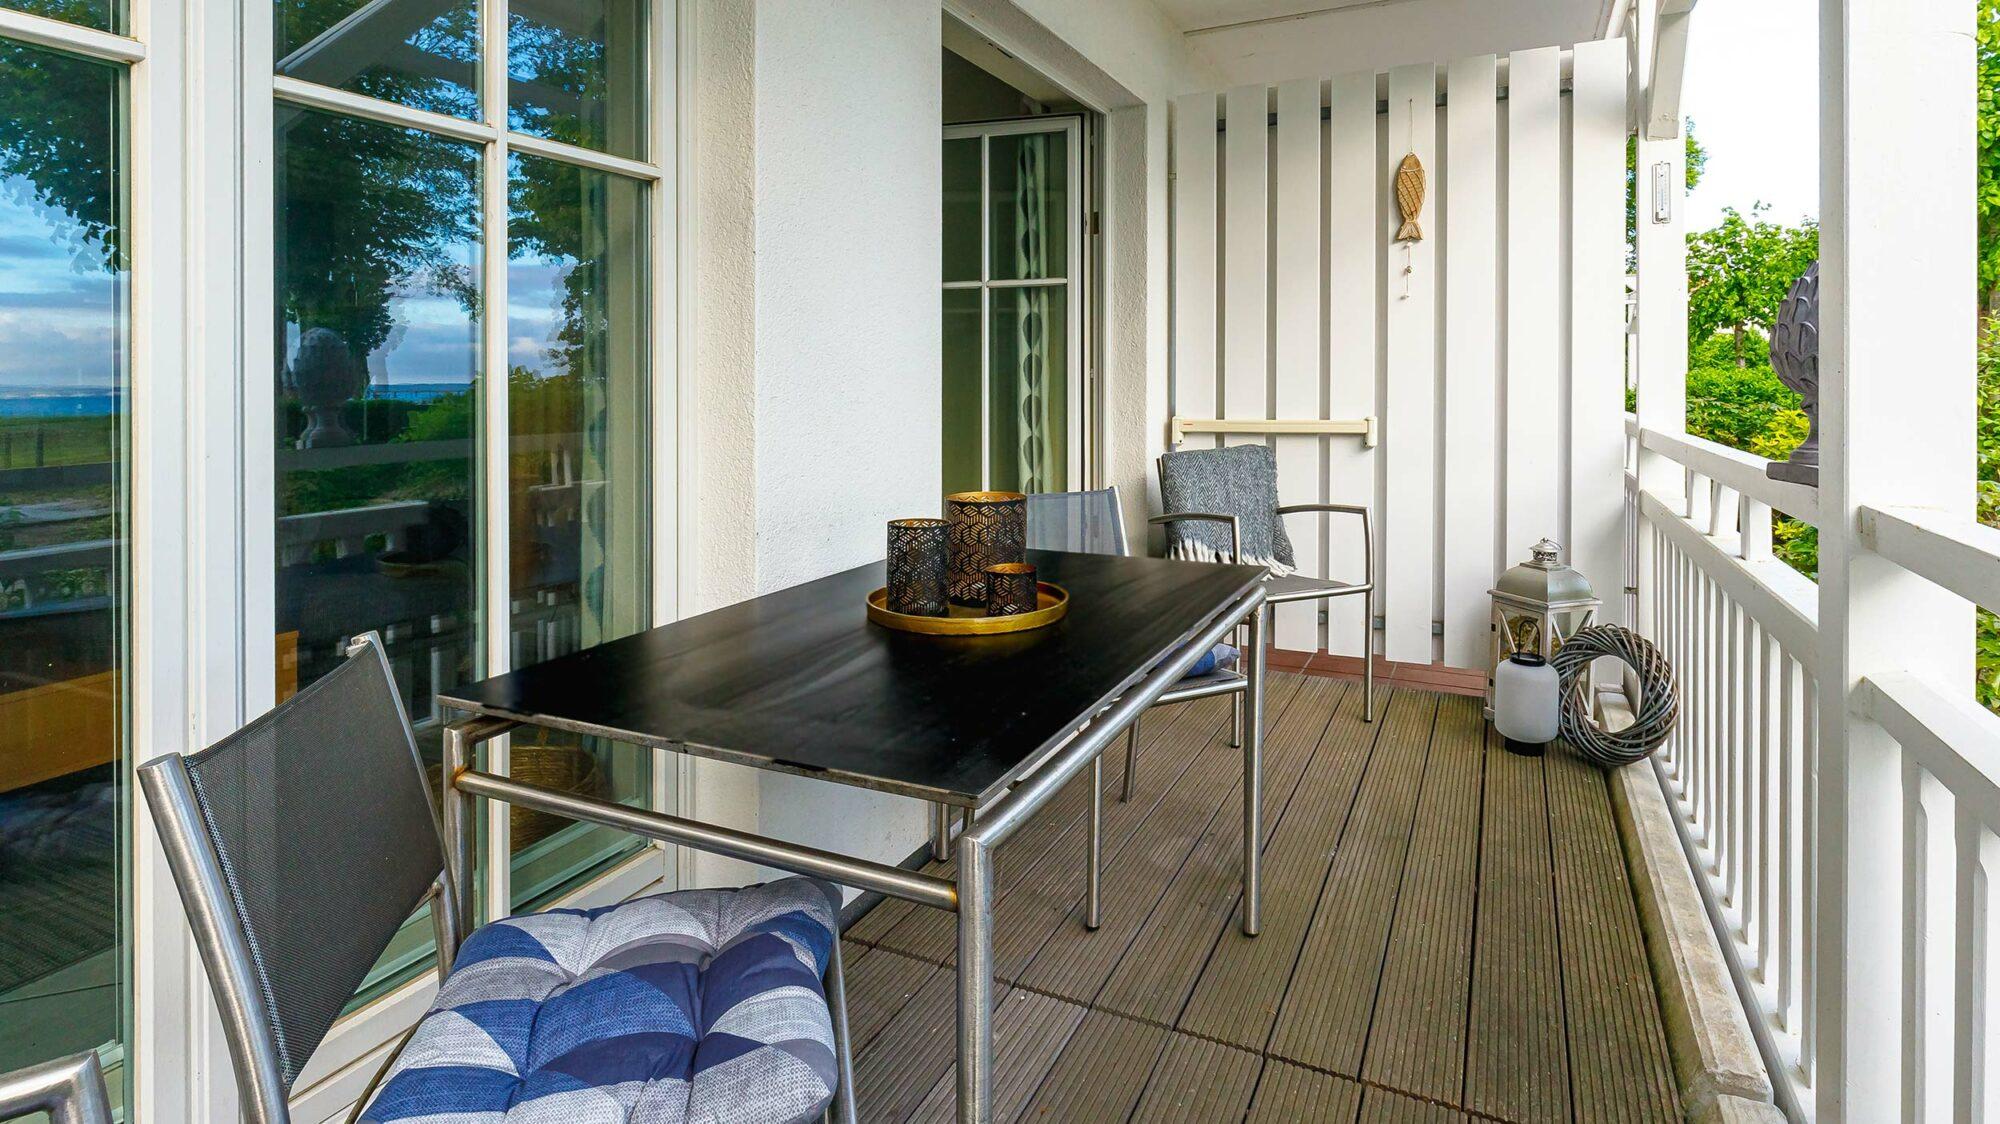 Seeschloss Appartment 1 mit Balkon und Terrasse an der Strandpromenade Binz